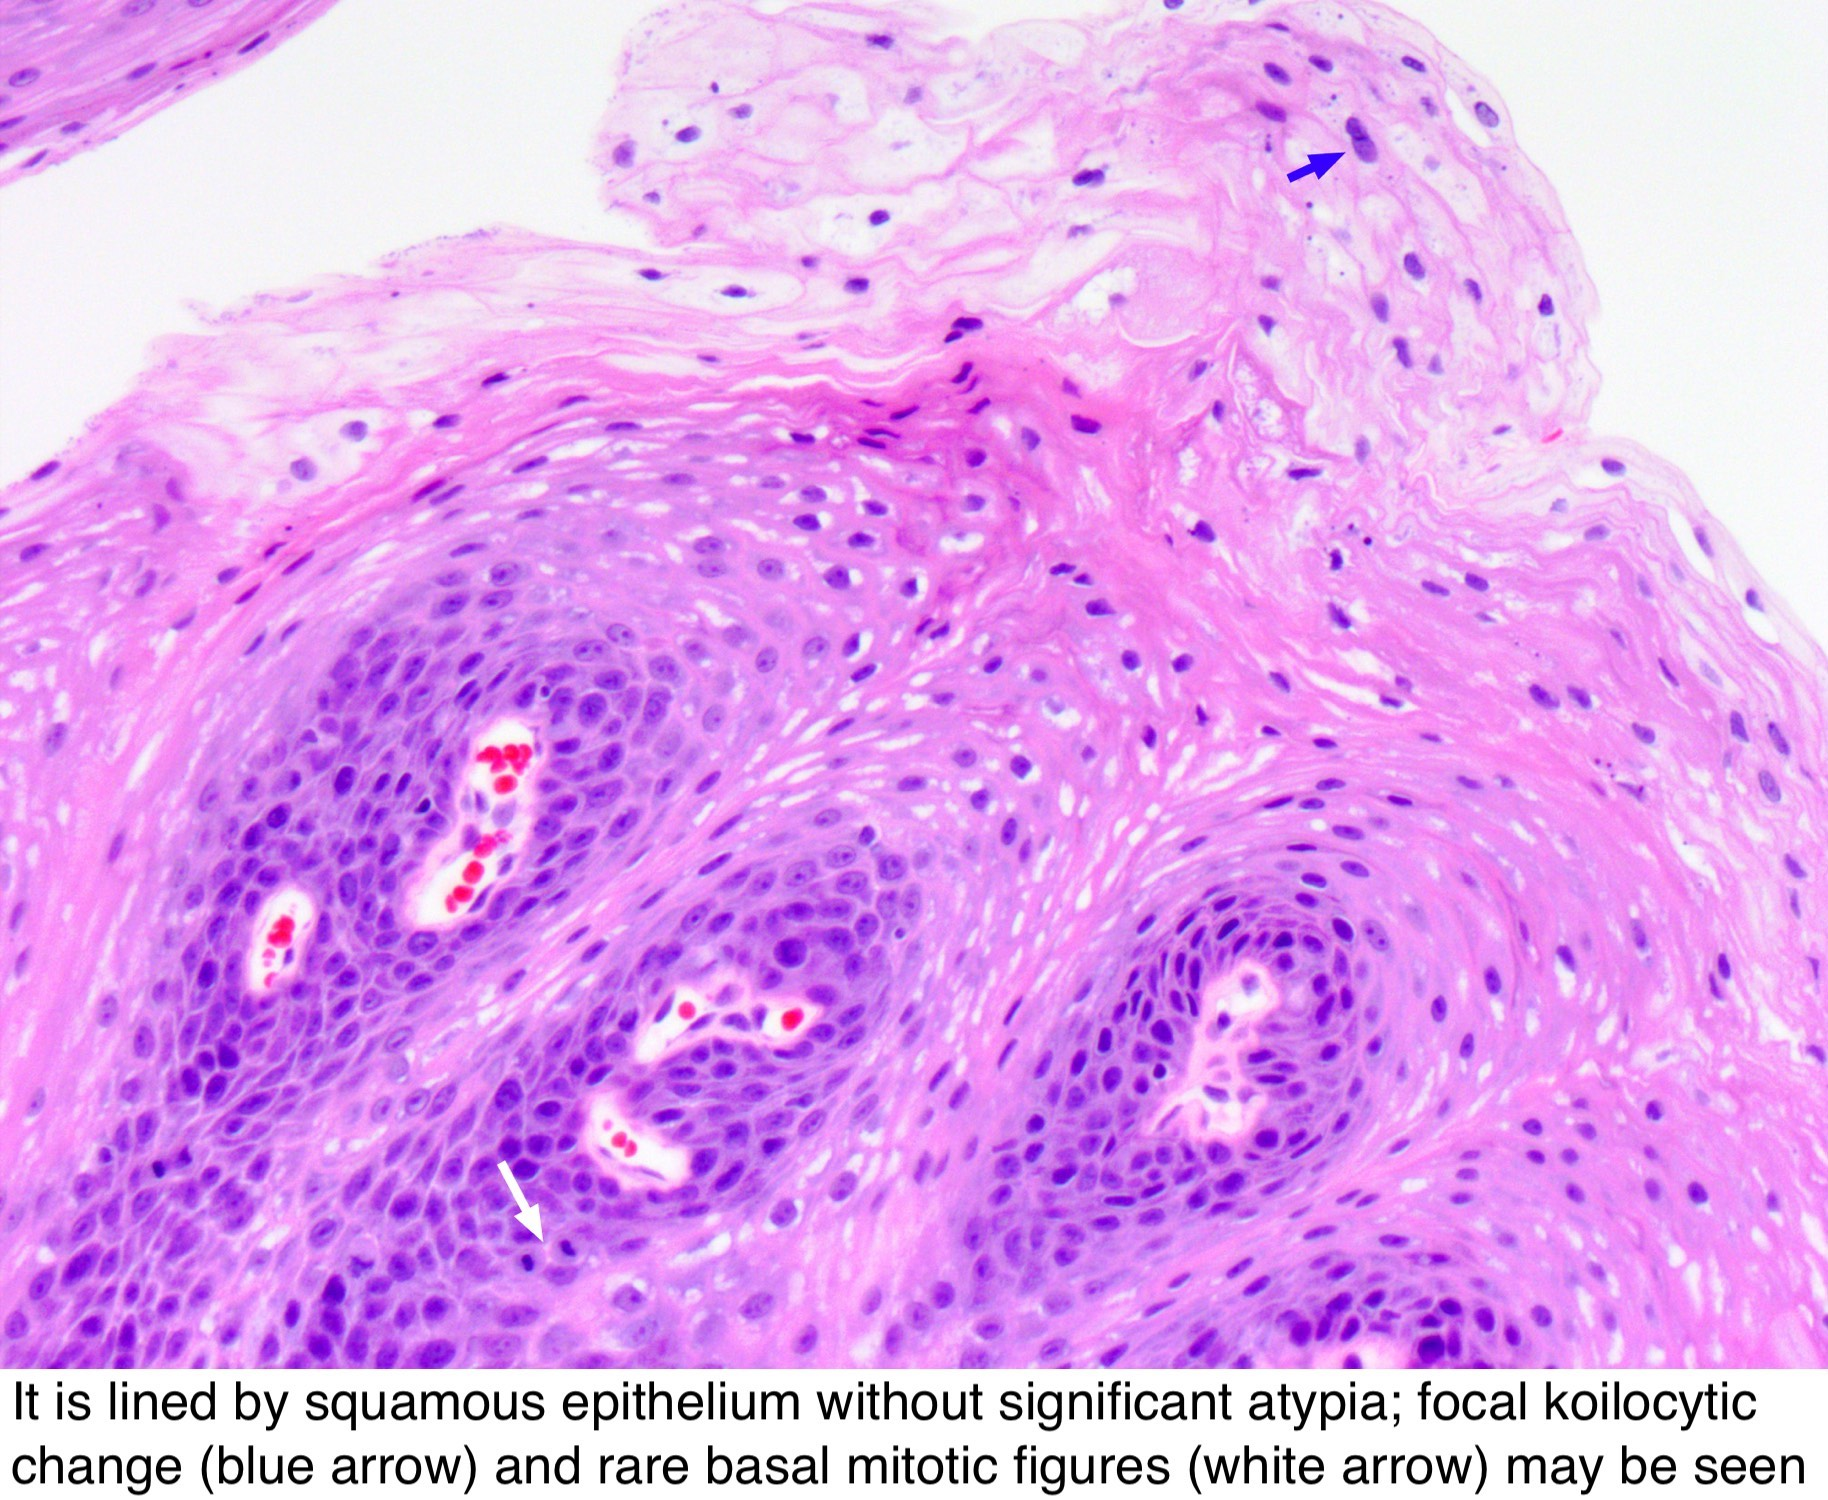 schneiderian papilloma icd 10